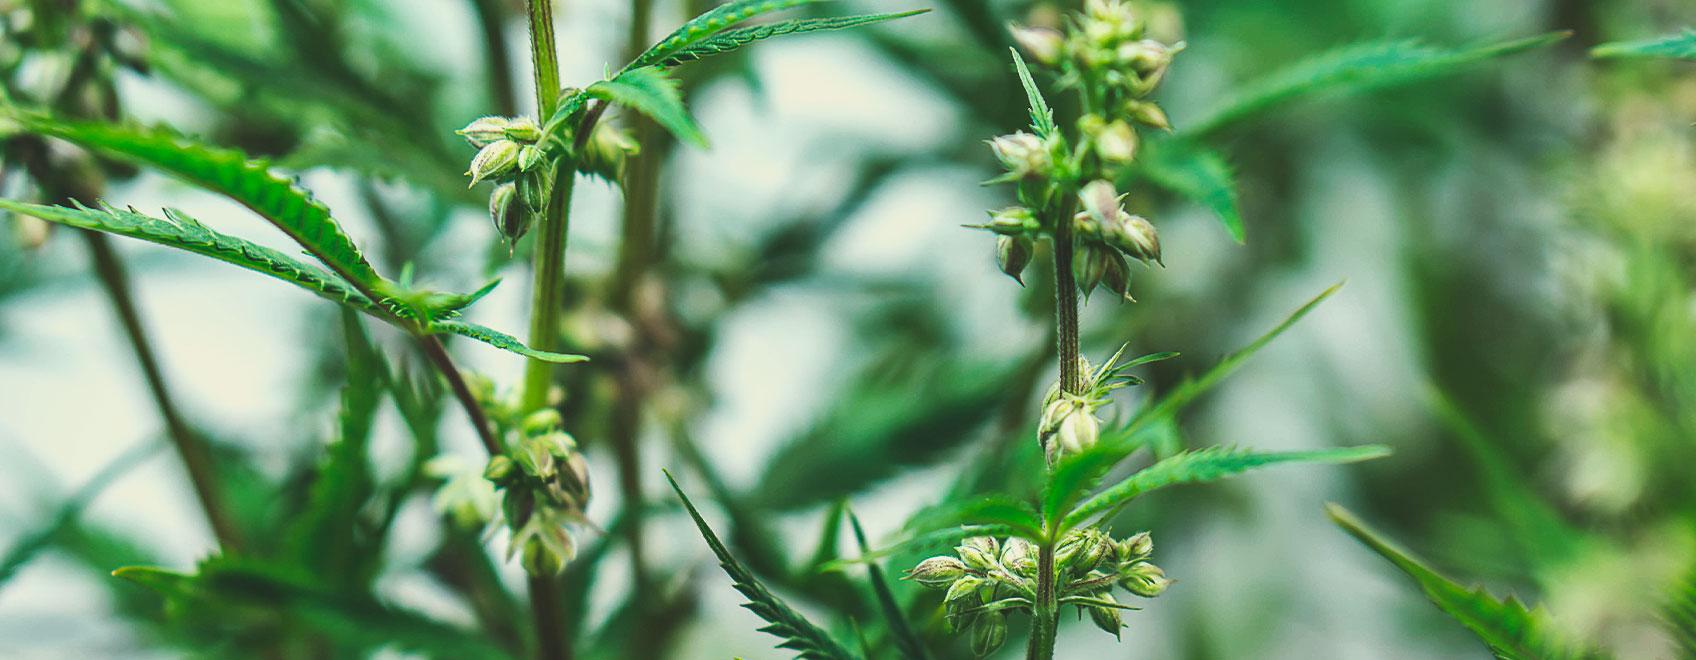 Cum sunt crescute semințele medicinale de marijuana